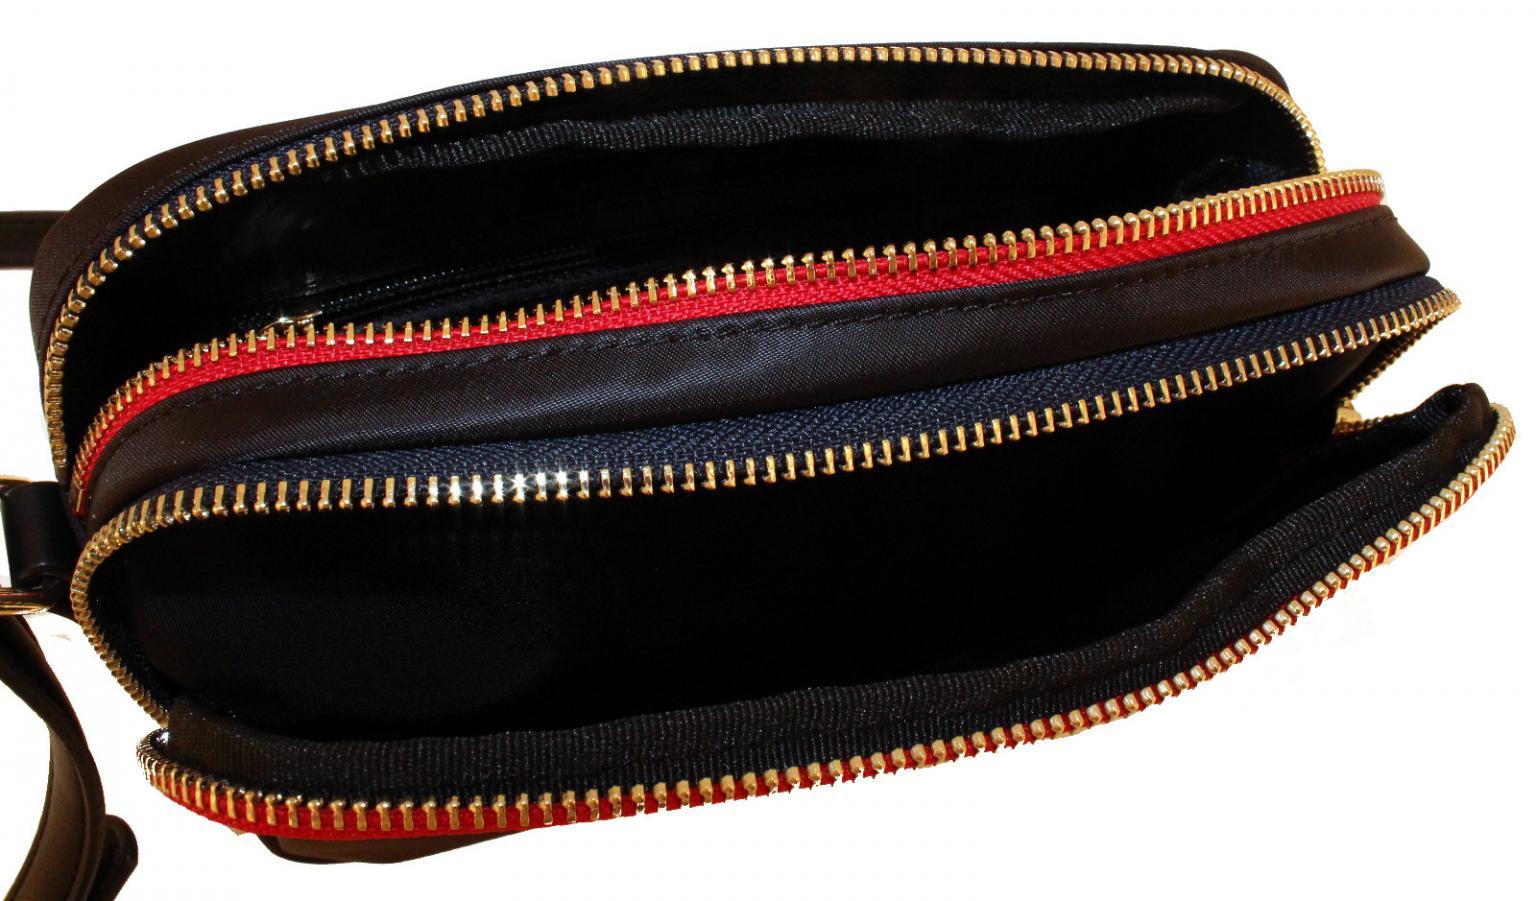 Crossover Poppy Handtasche Hilfiger Tommy Nylon Black Monogram